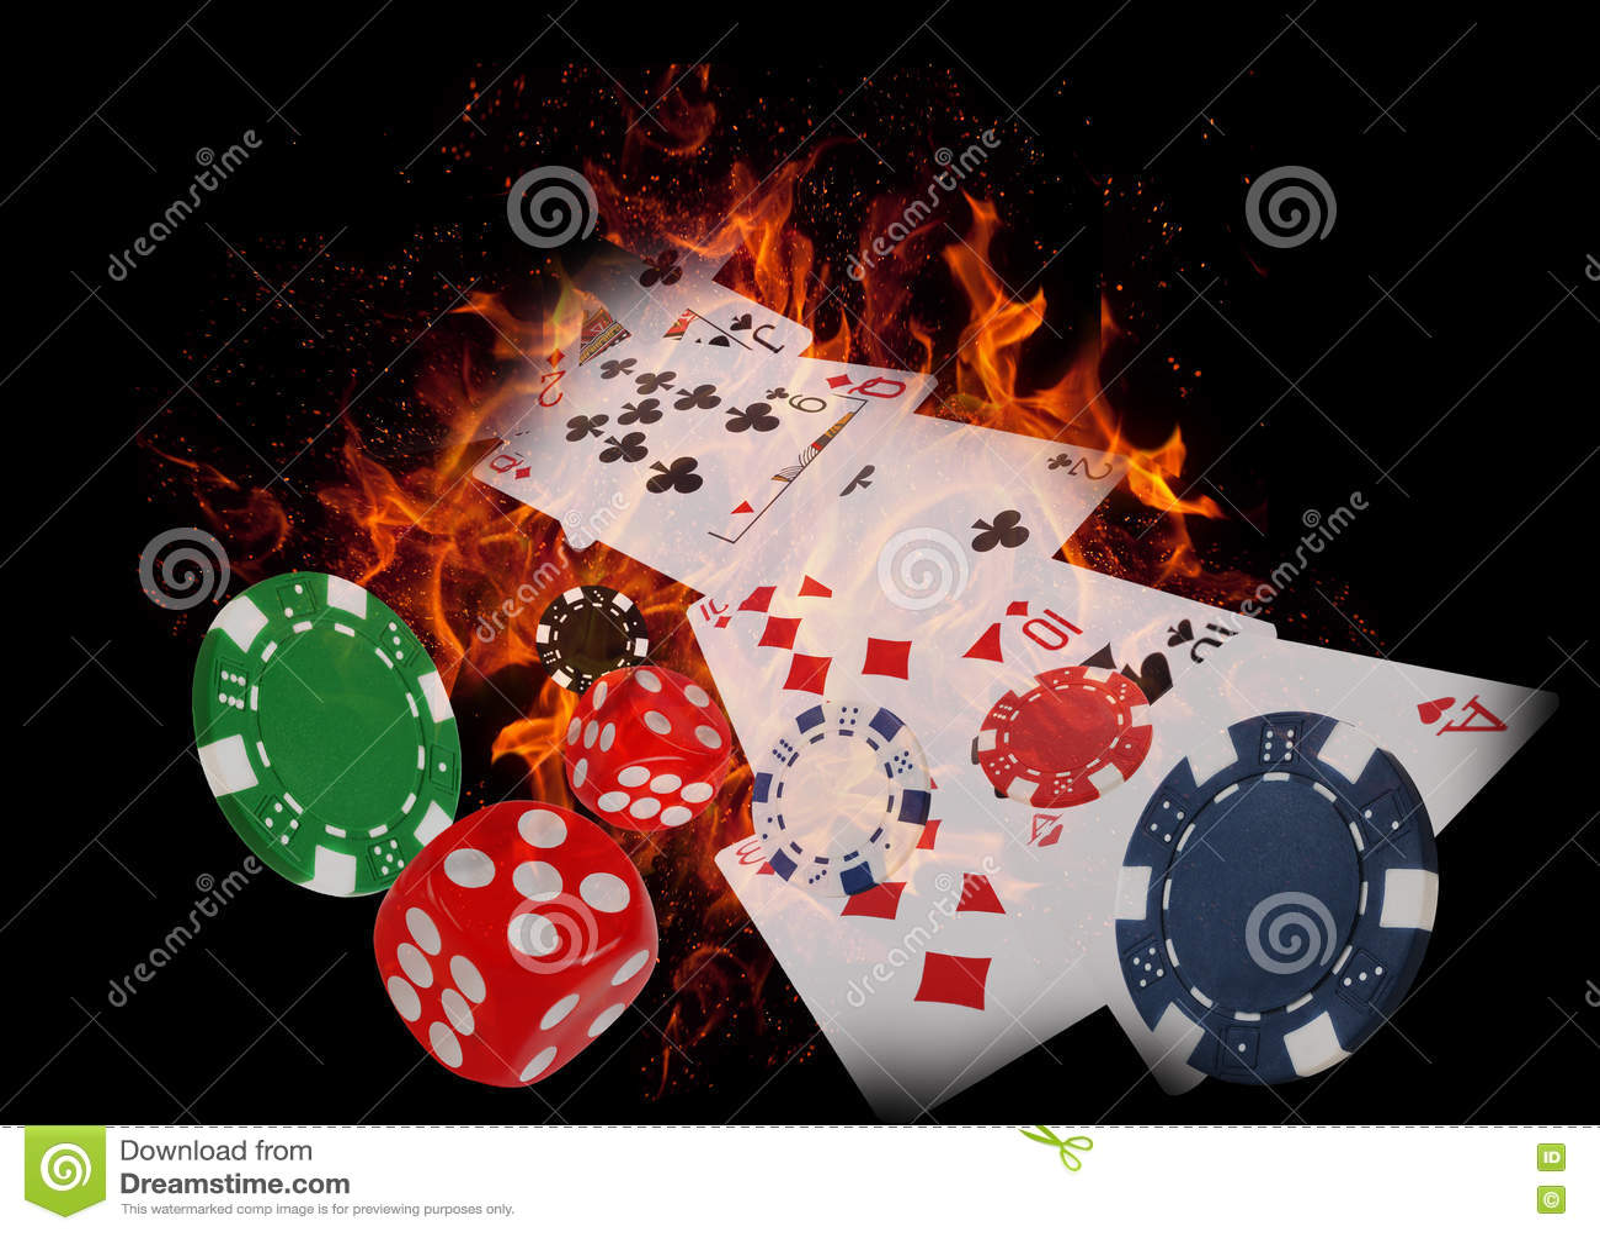 纸牌和赌博娱乐场芯片在火 优胜突破概念双球员啤牌